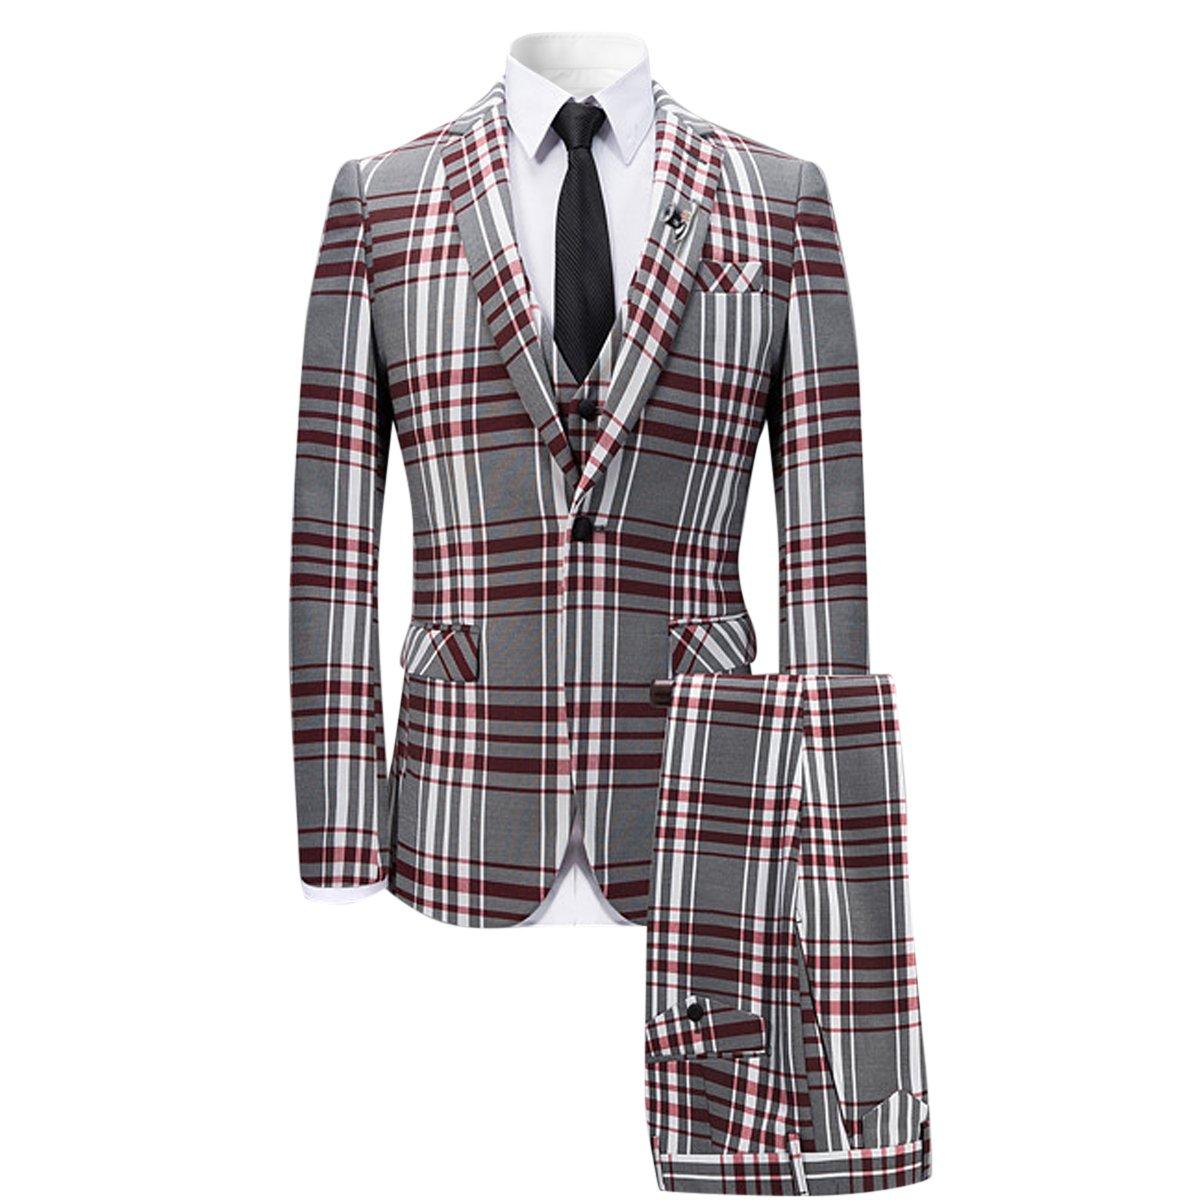 Men's 3 Piece Plaid Suit Slim Fit Christmas Party Dress